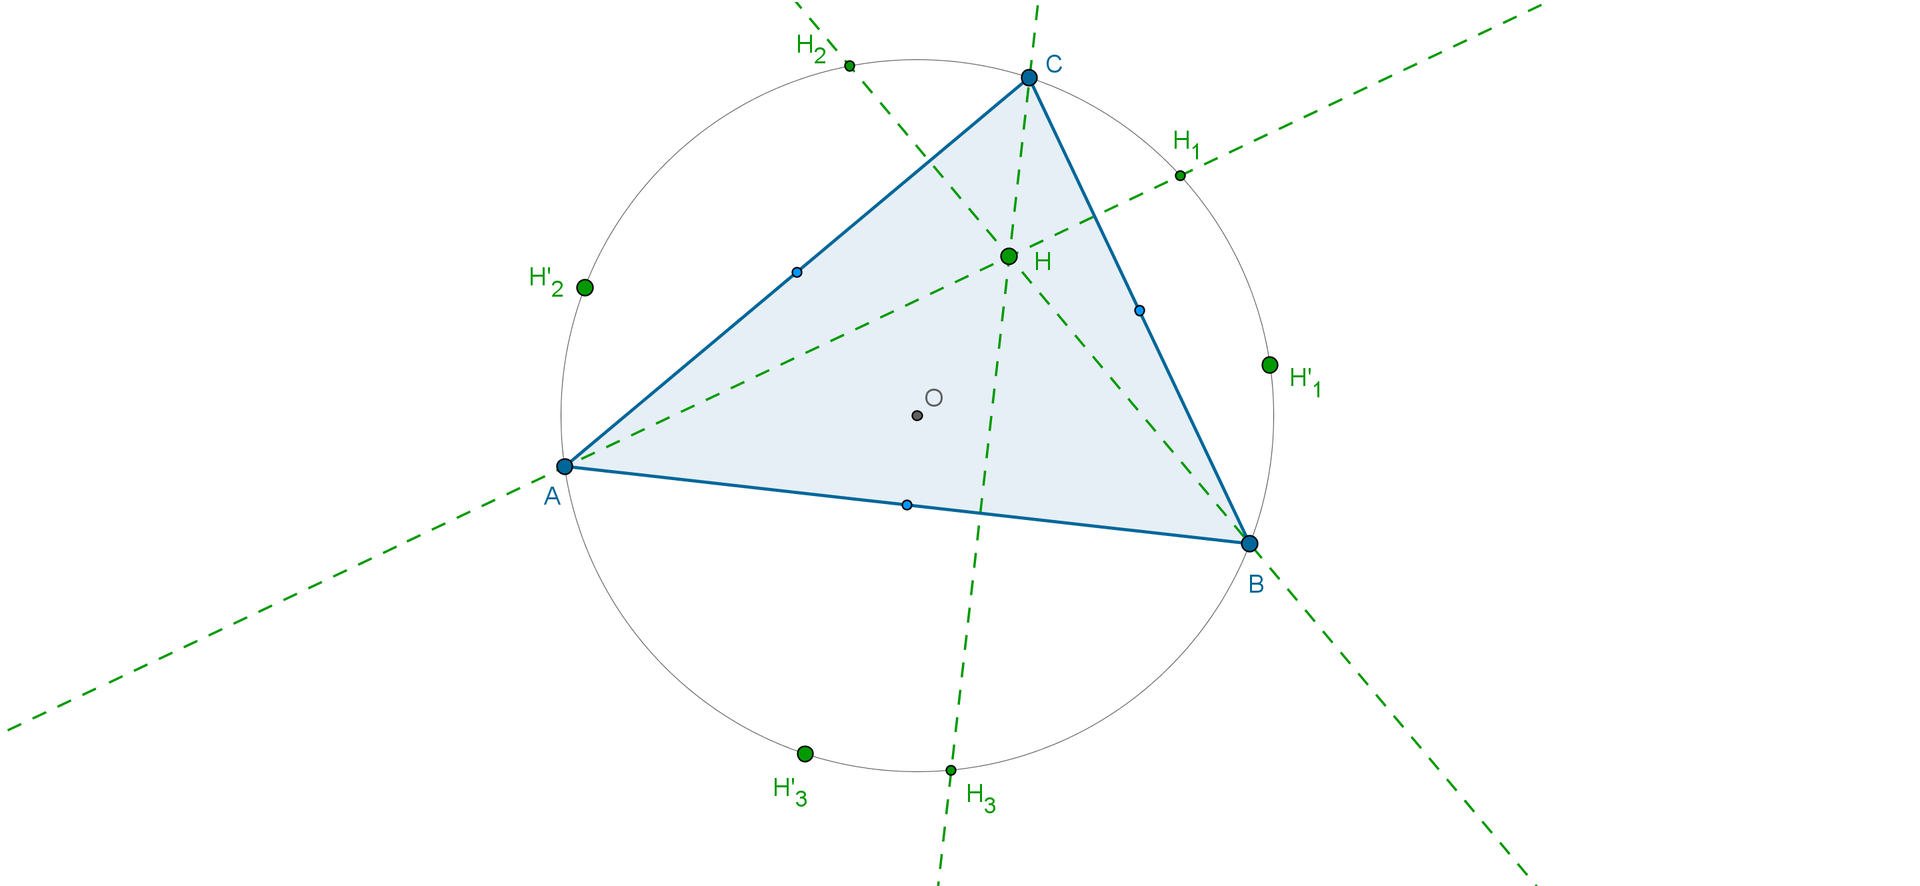 Rysunek trójkąta ostrokątnego ABC. Wysokości: Hzindeksem dolnym jeden, Hzindeksem dolnym dwa, Hzindeksem dolnym trzy, poprowadzone odpowiednio zwierzchołków A, BiCprzecinają się wpunkcie H. Zaznaczone punkty: Hprim zindeksem dolnym jeden, Hprim zindeksem dolnym dwa, Hprim zindeksem dolnym trzy.